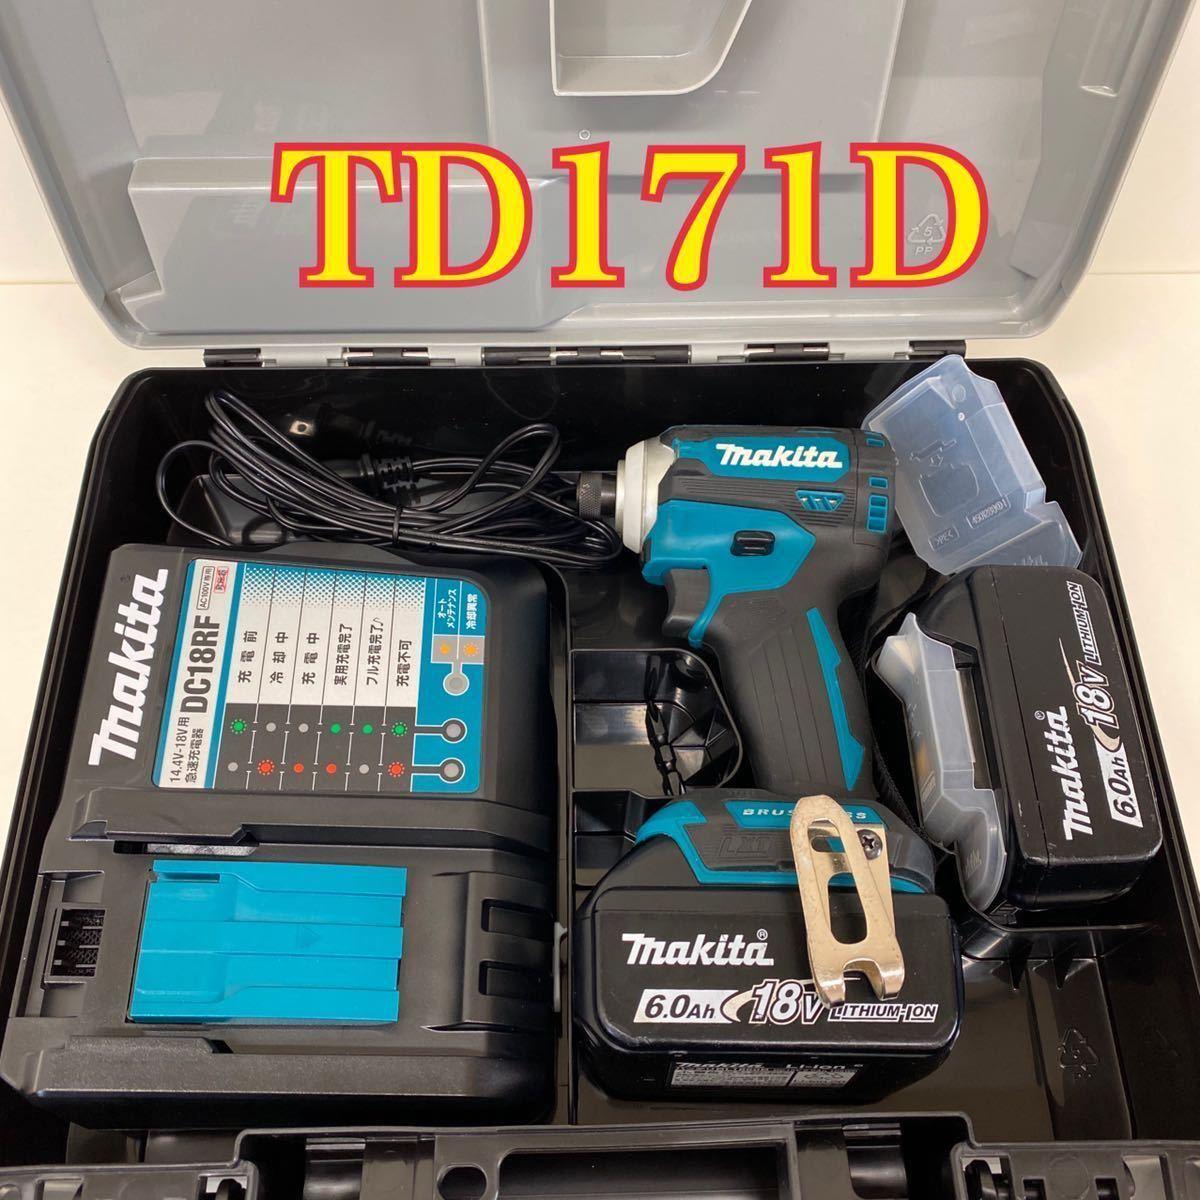 【中古・完動品】マキタ Makita TD171D 充電式インパクトドライバ 18v 『ブルー』BL1860B×2 DC18RF充電器 フルセット TD171DRGX 純正品_画像1